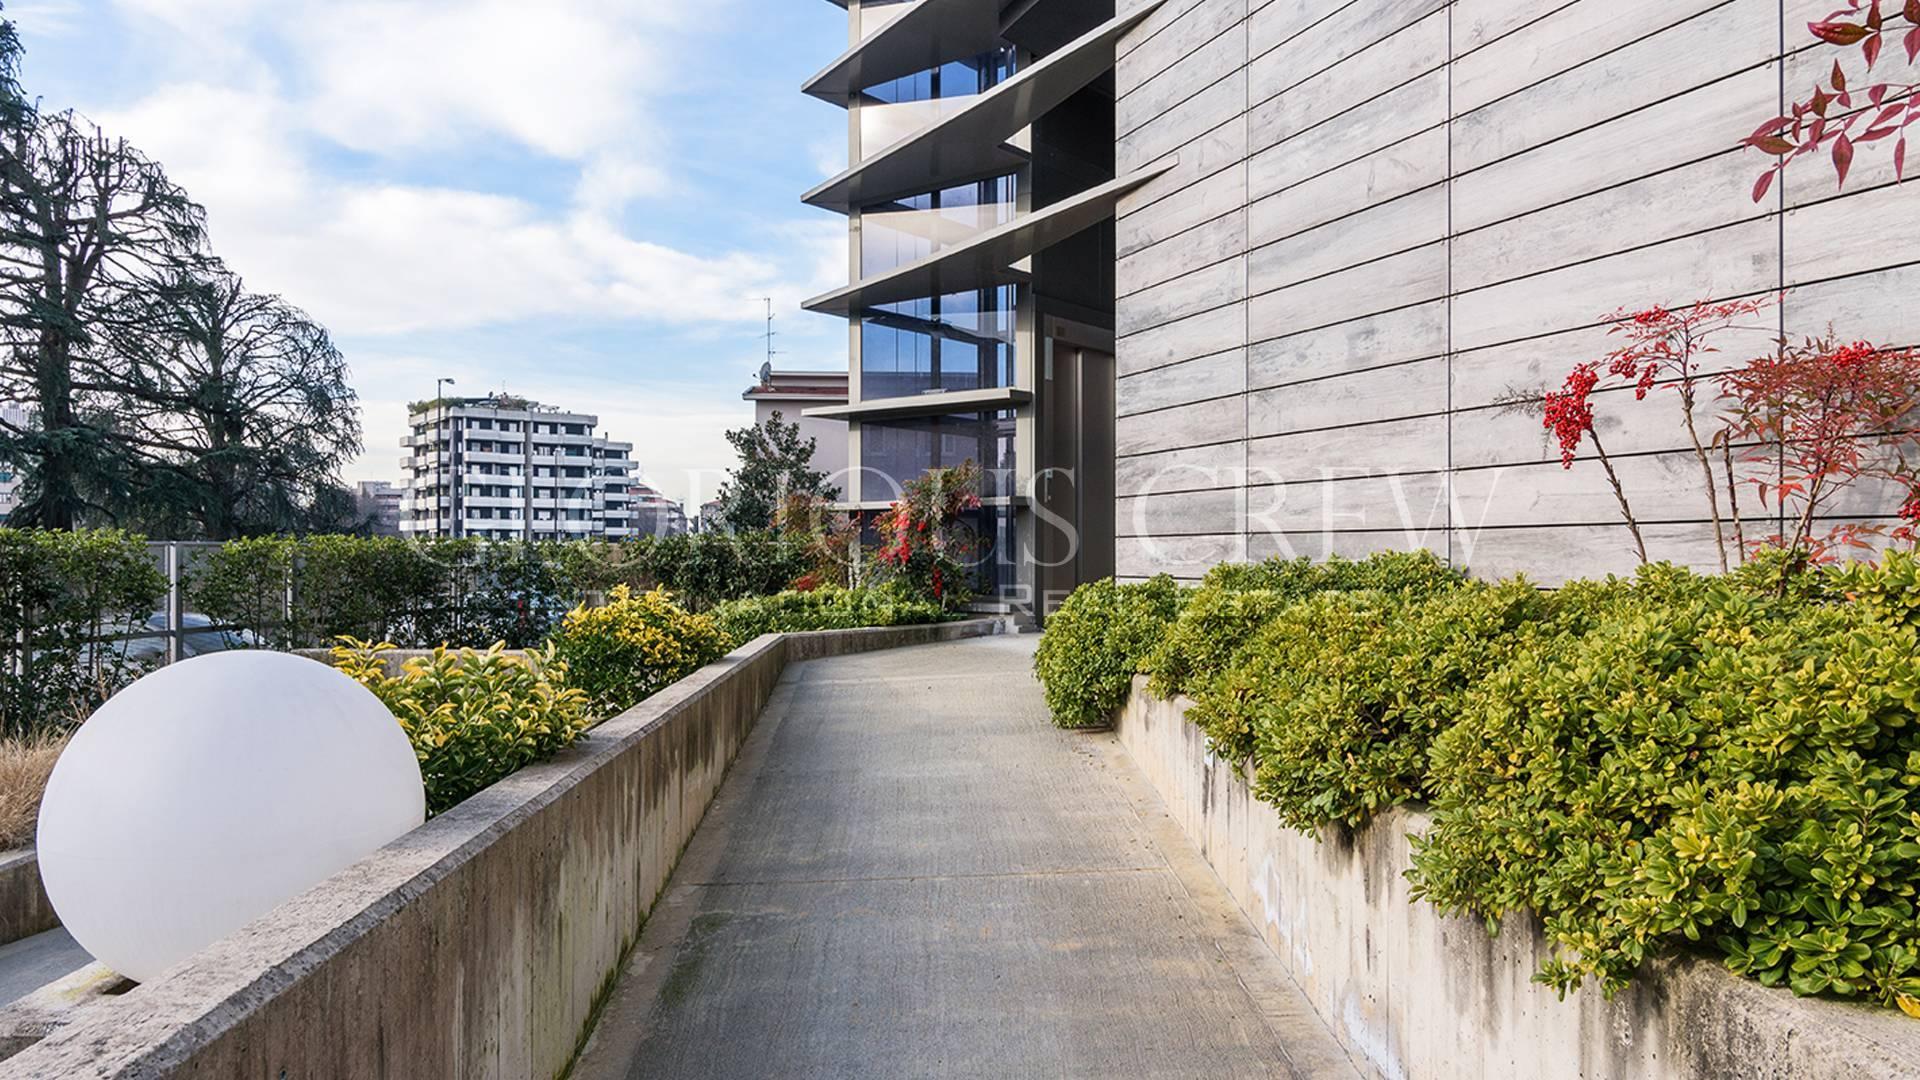 Appartamento in Vendita a Monza: 4 locali, 149 mq - Foto 7